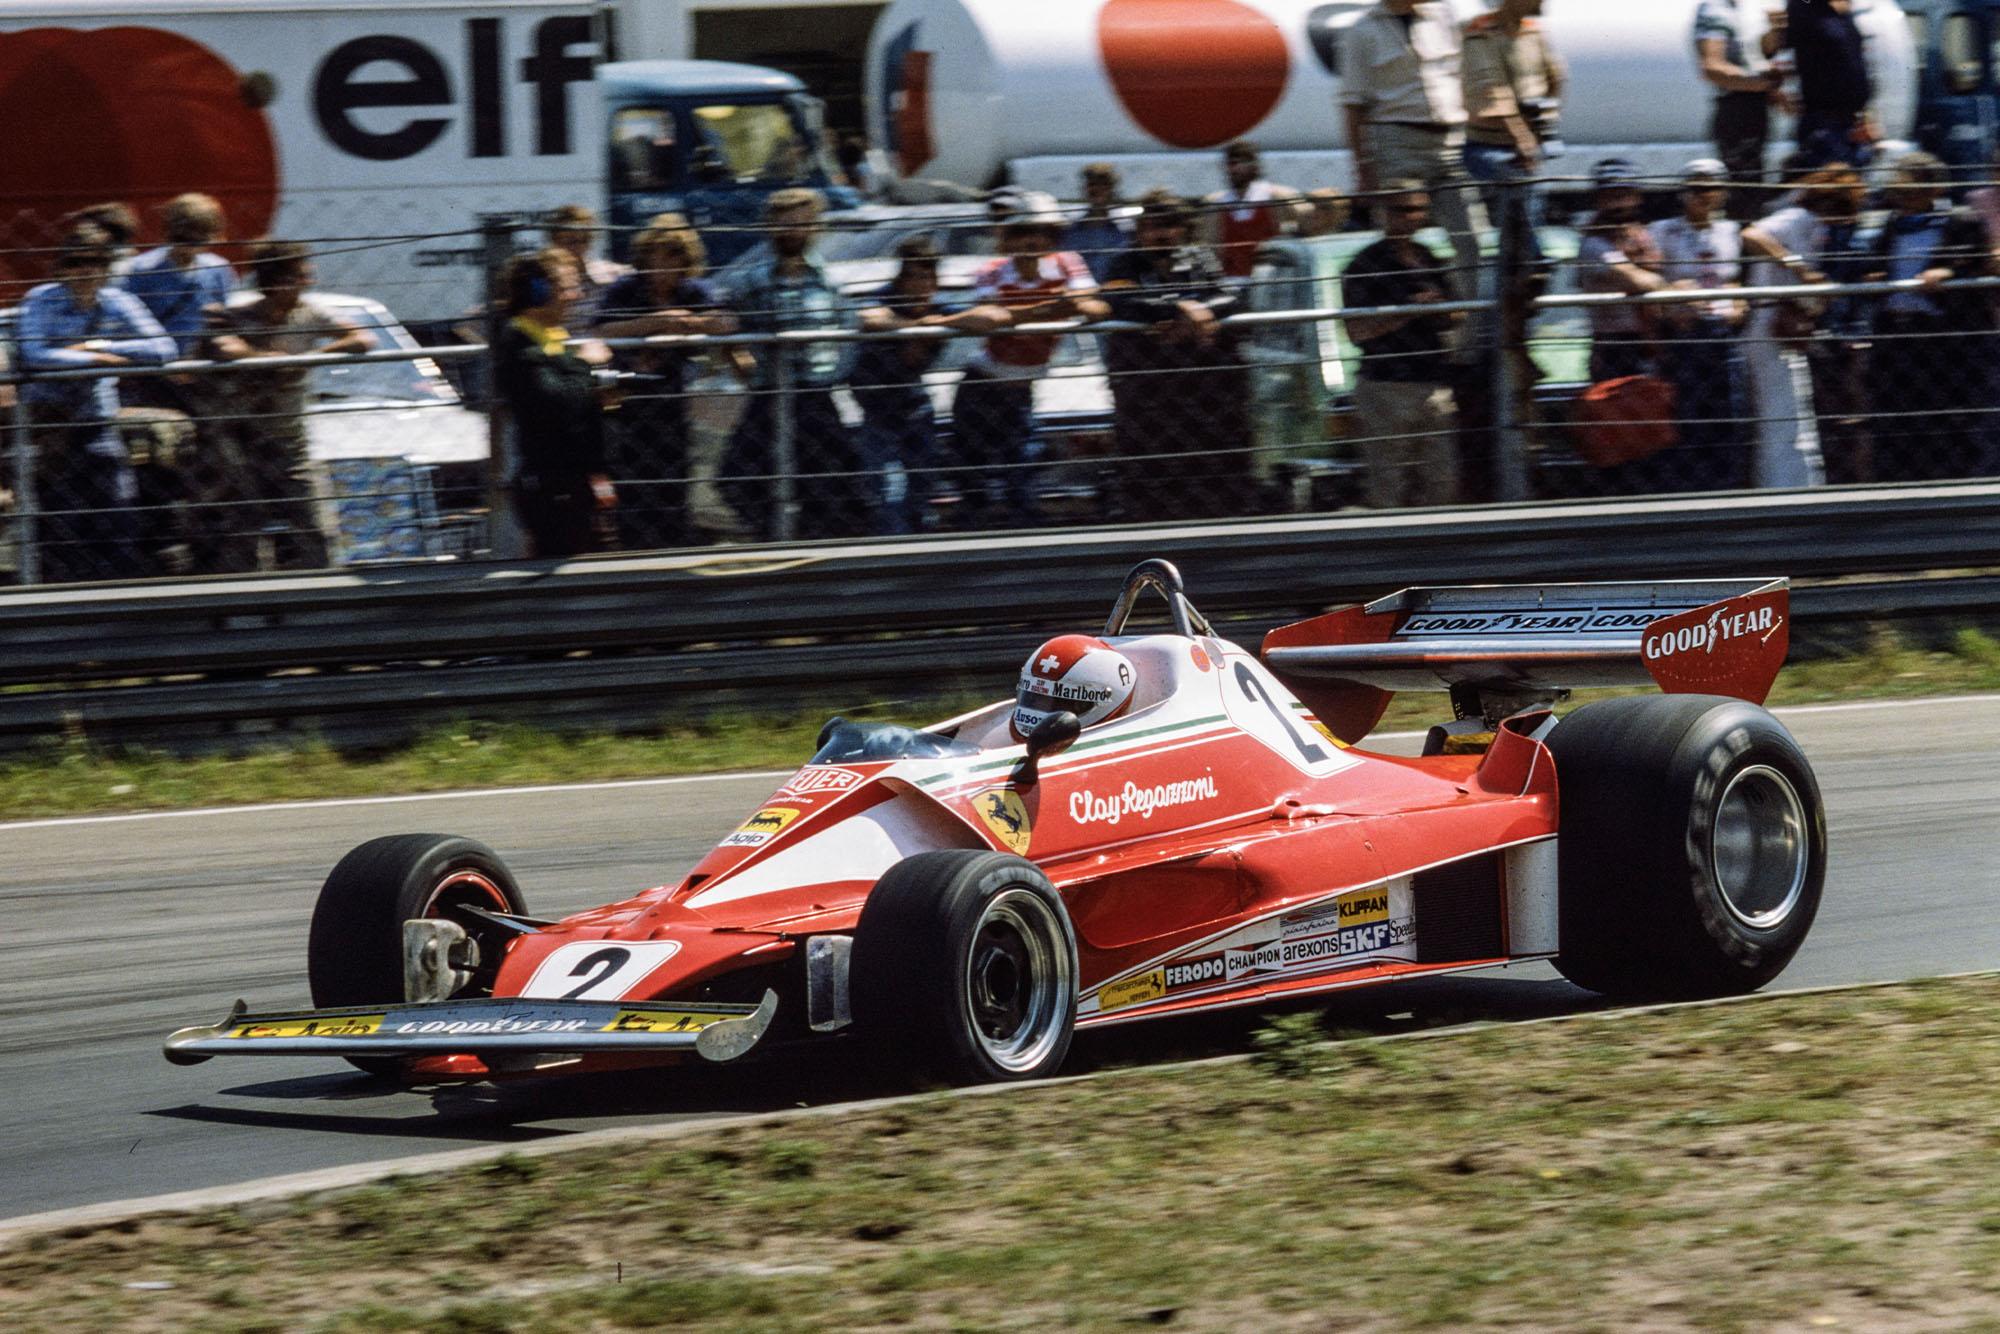 Clay Regazzoni (Ferrari), 1976 Belgian Grand Prix, Zolder.